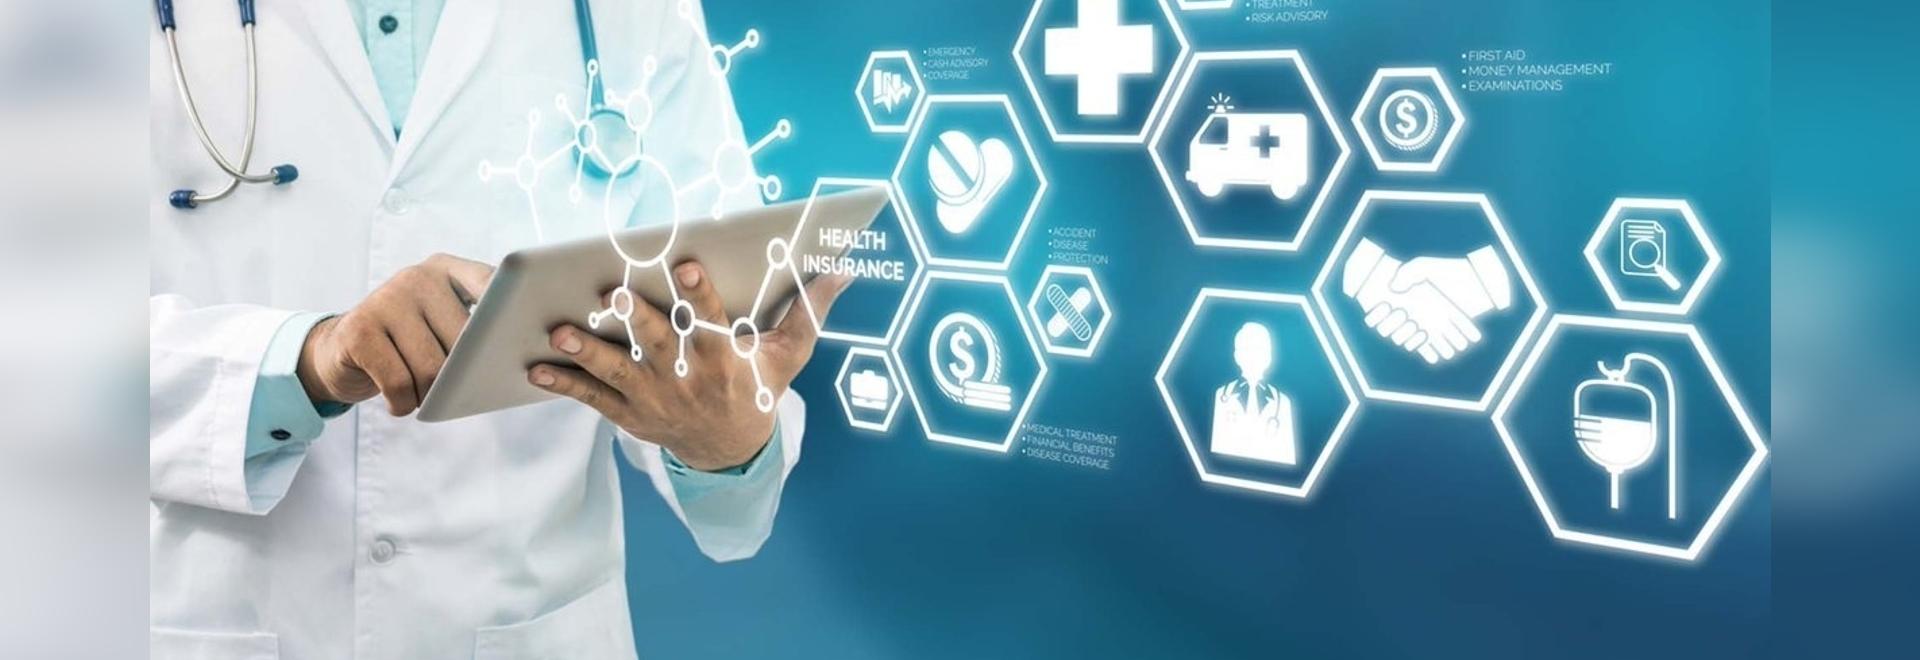 Les services informatiques dans le secteur de la santé et leur rôle dans la conformité réglementaire de 2021